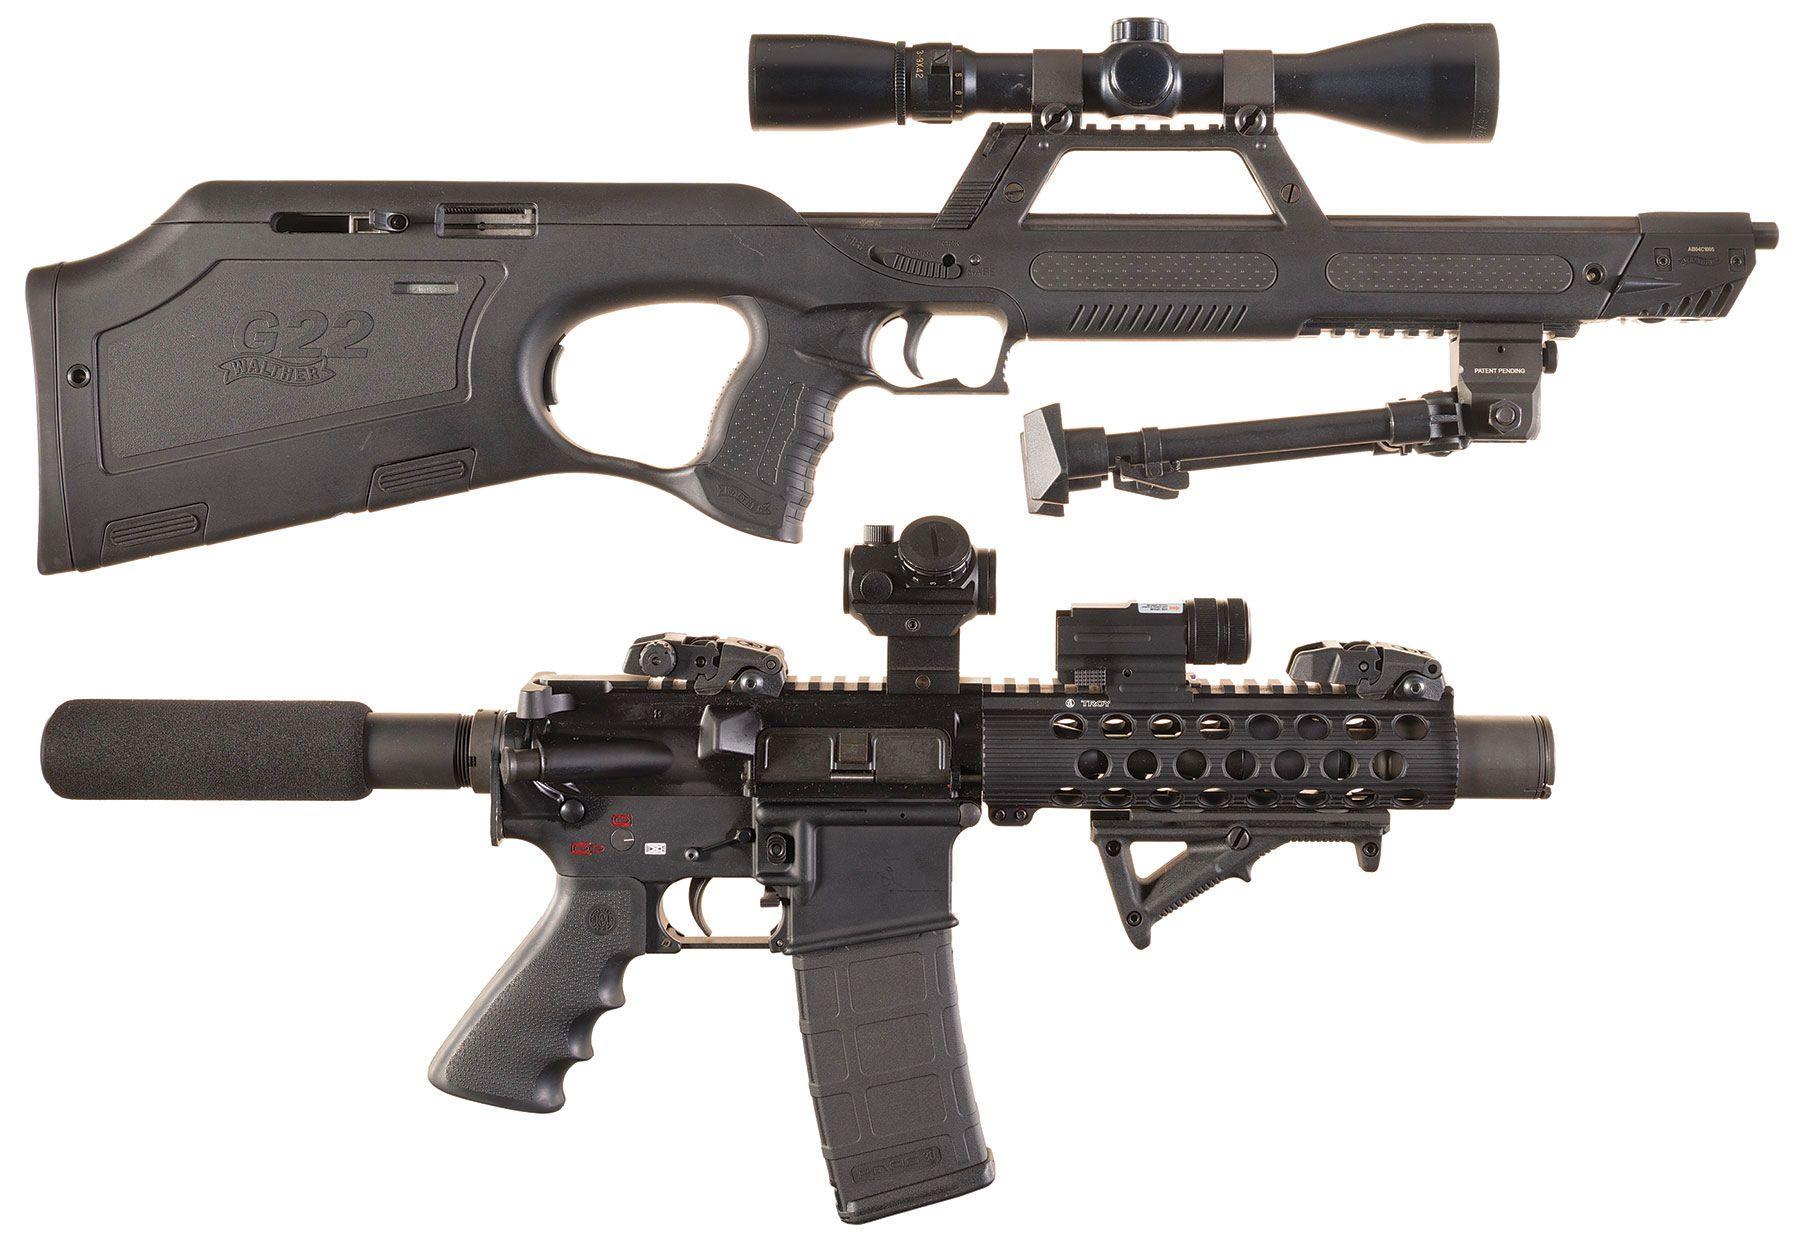 G22 Gun